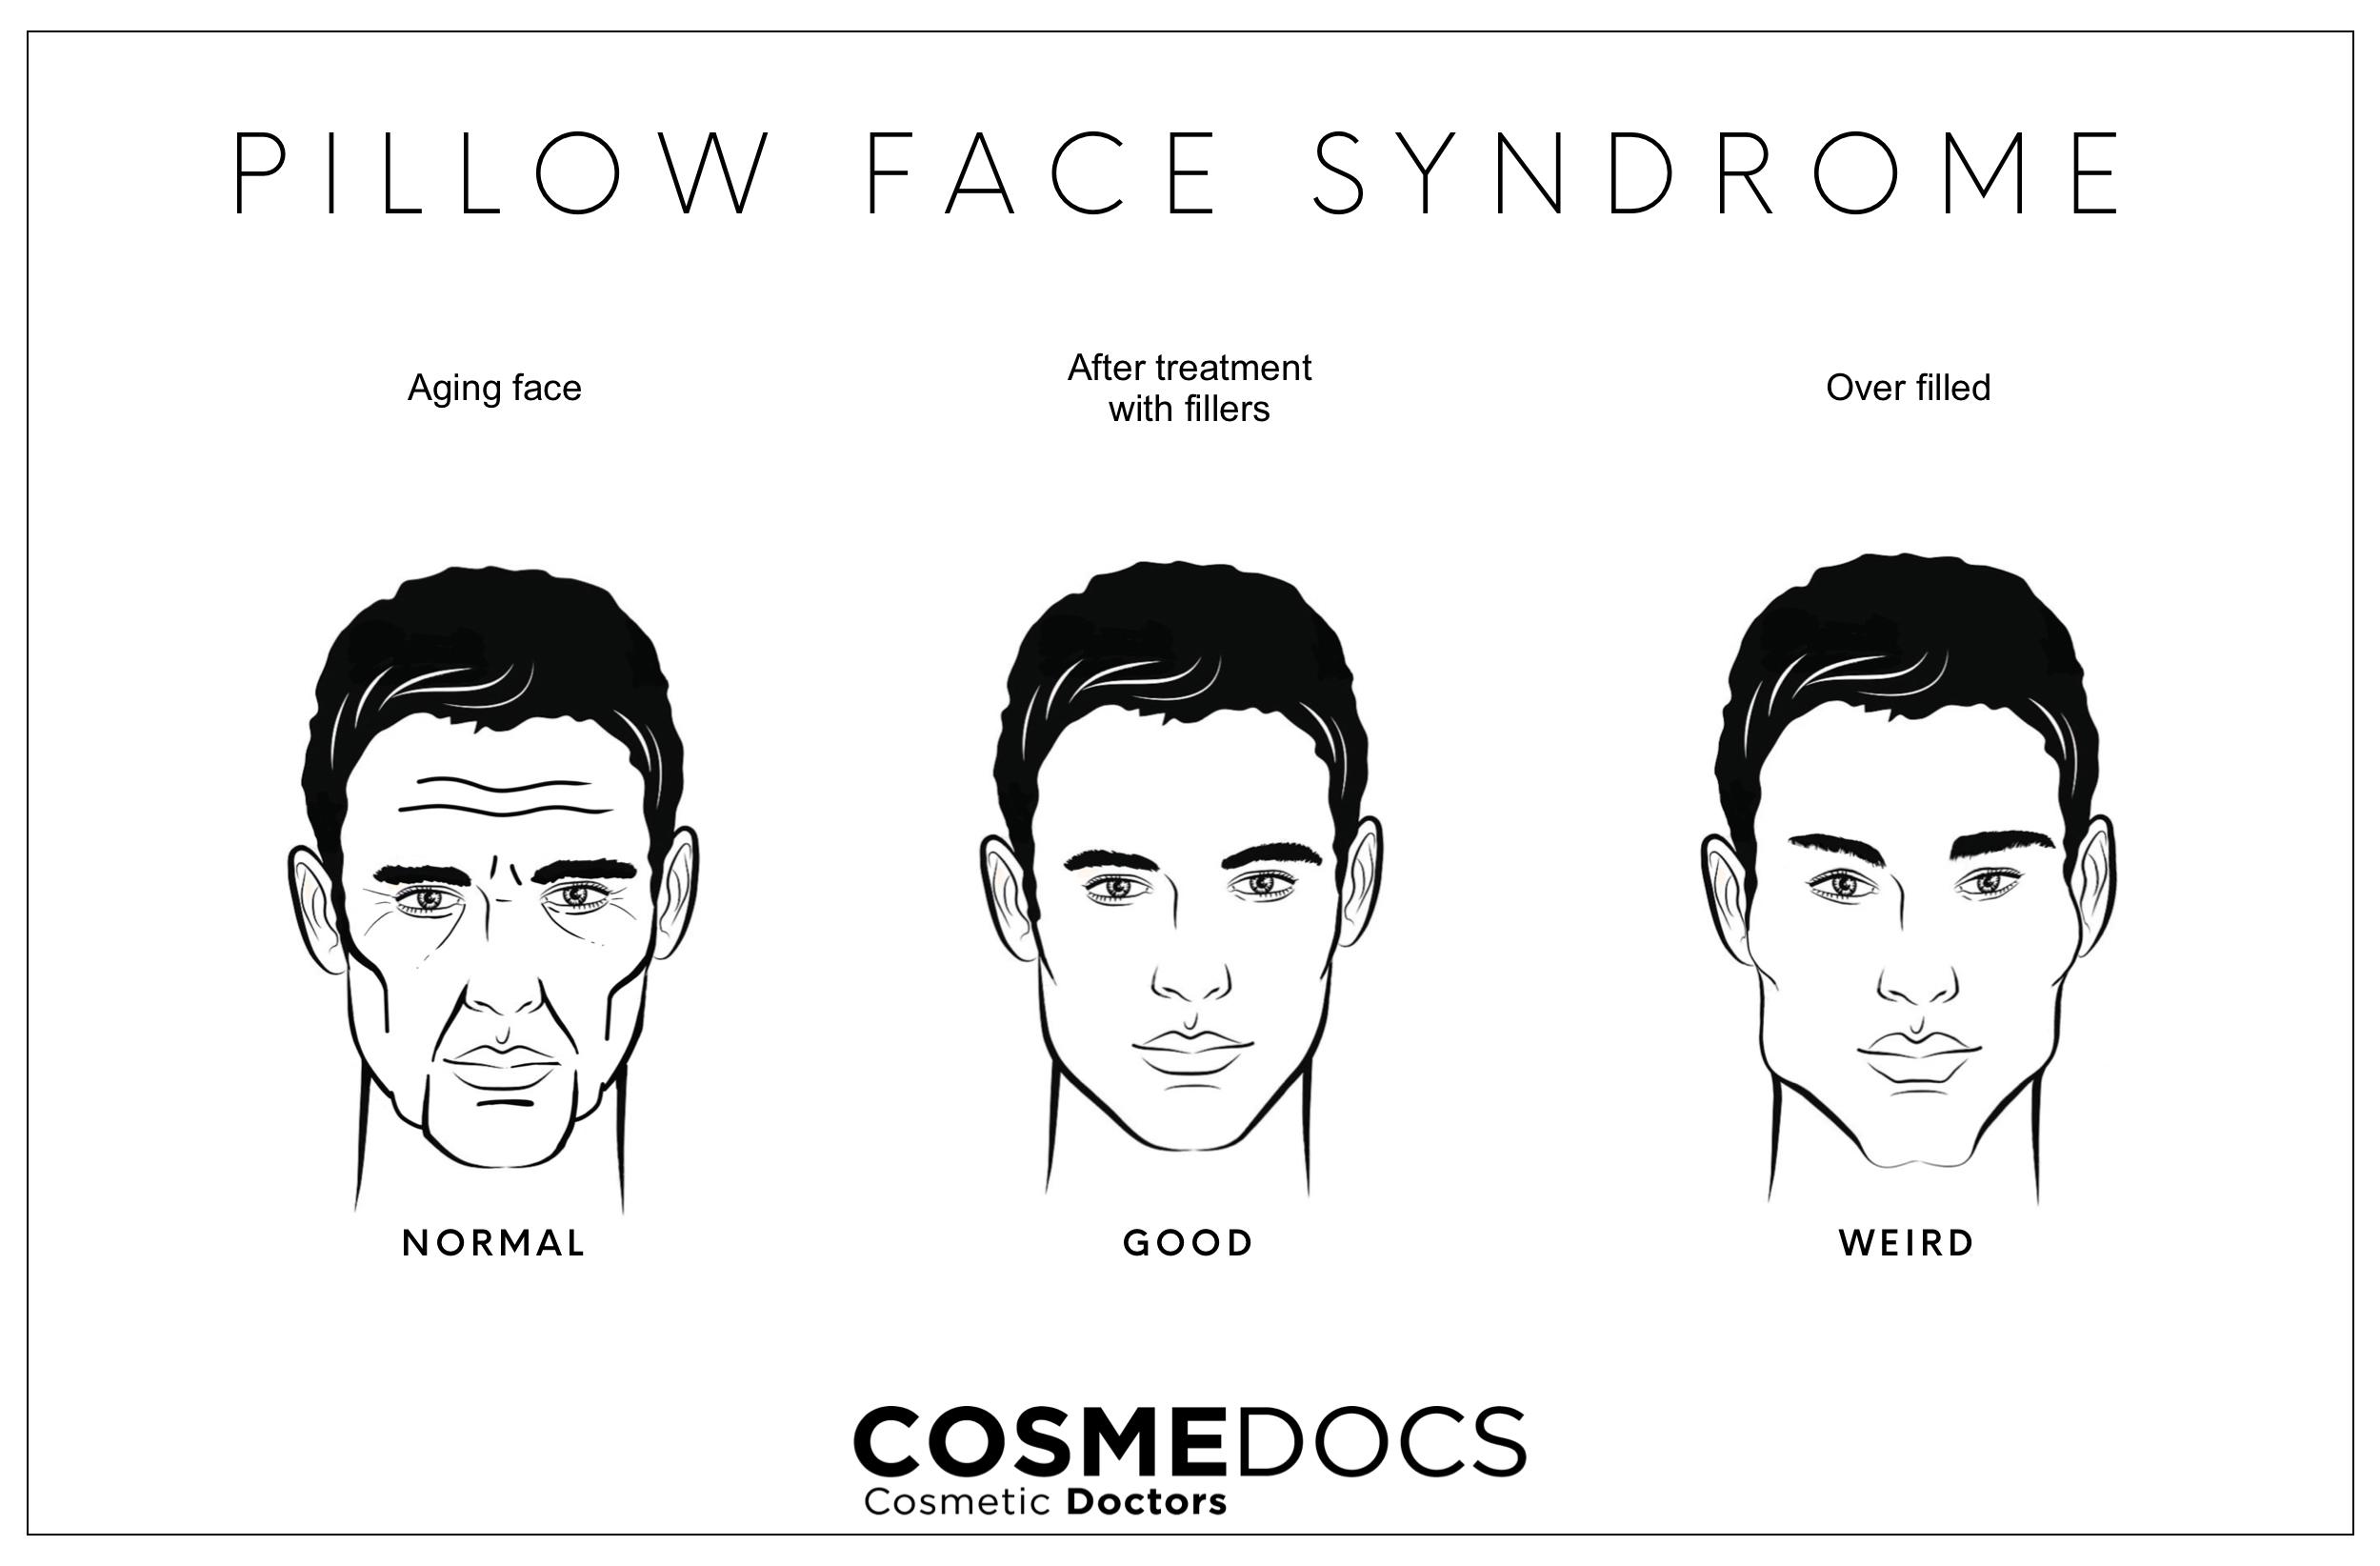 pillow face syndrome